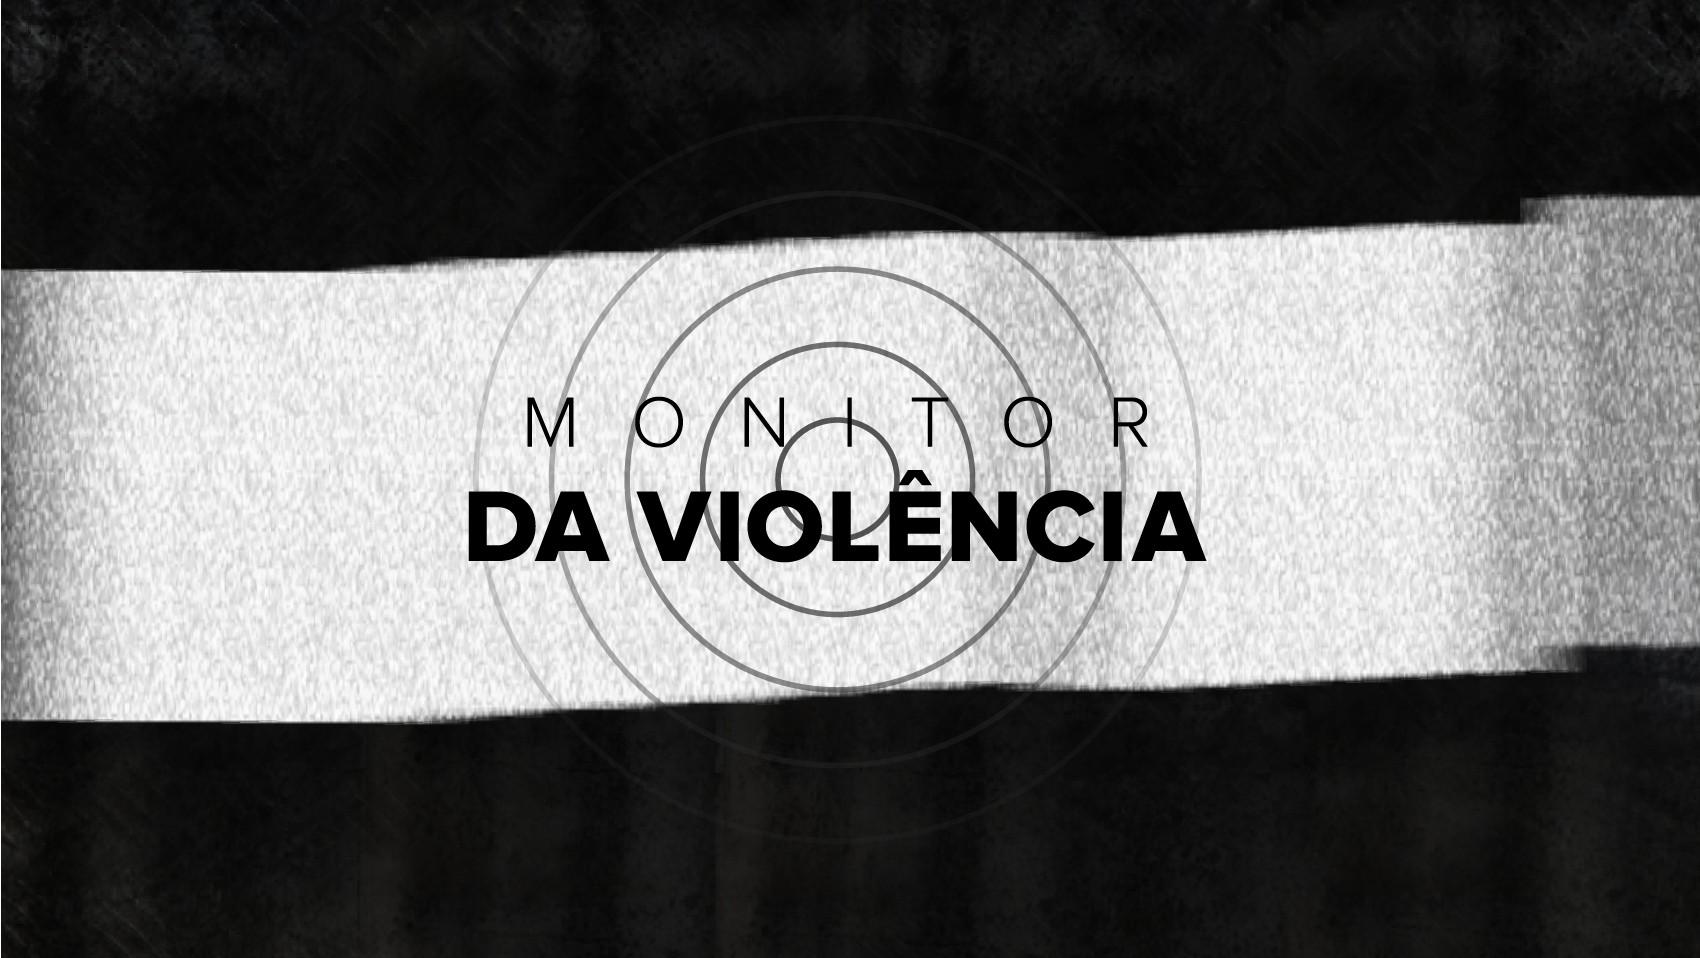 Número de assassinatos cai 11% no Paraná em maio, diz levantamento